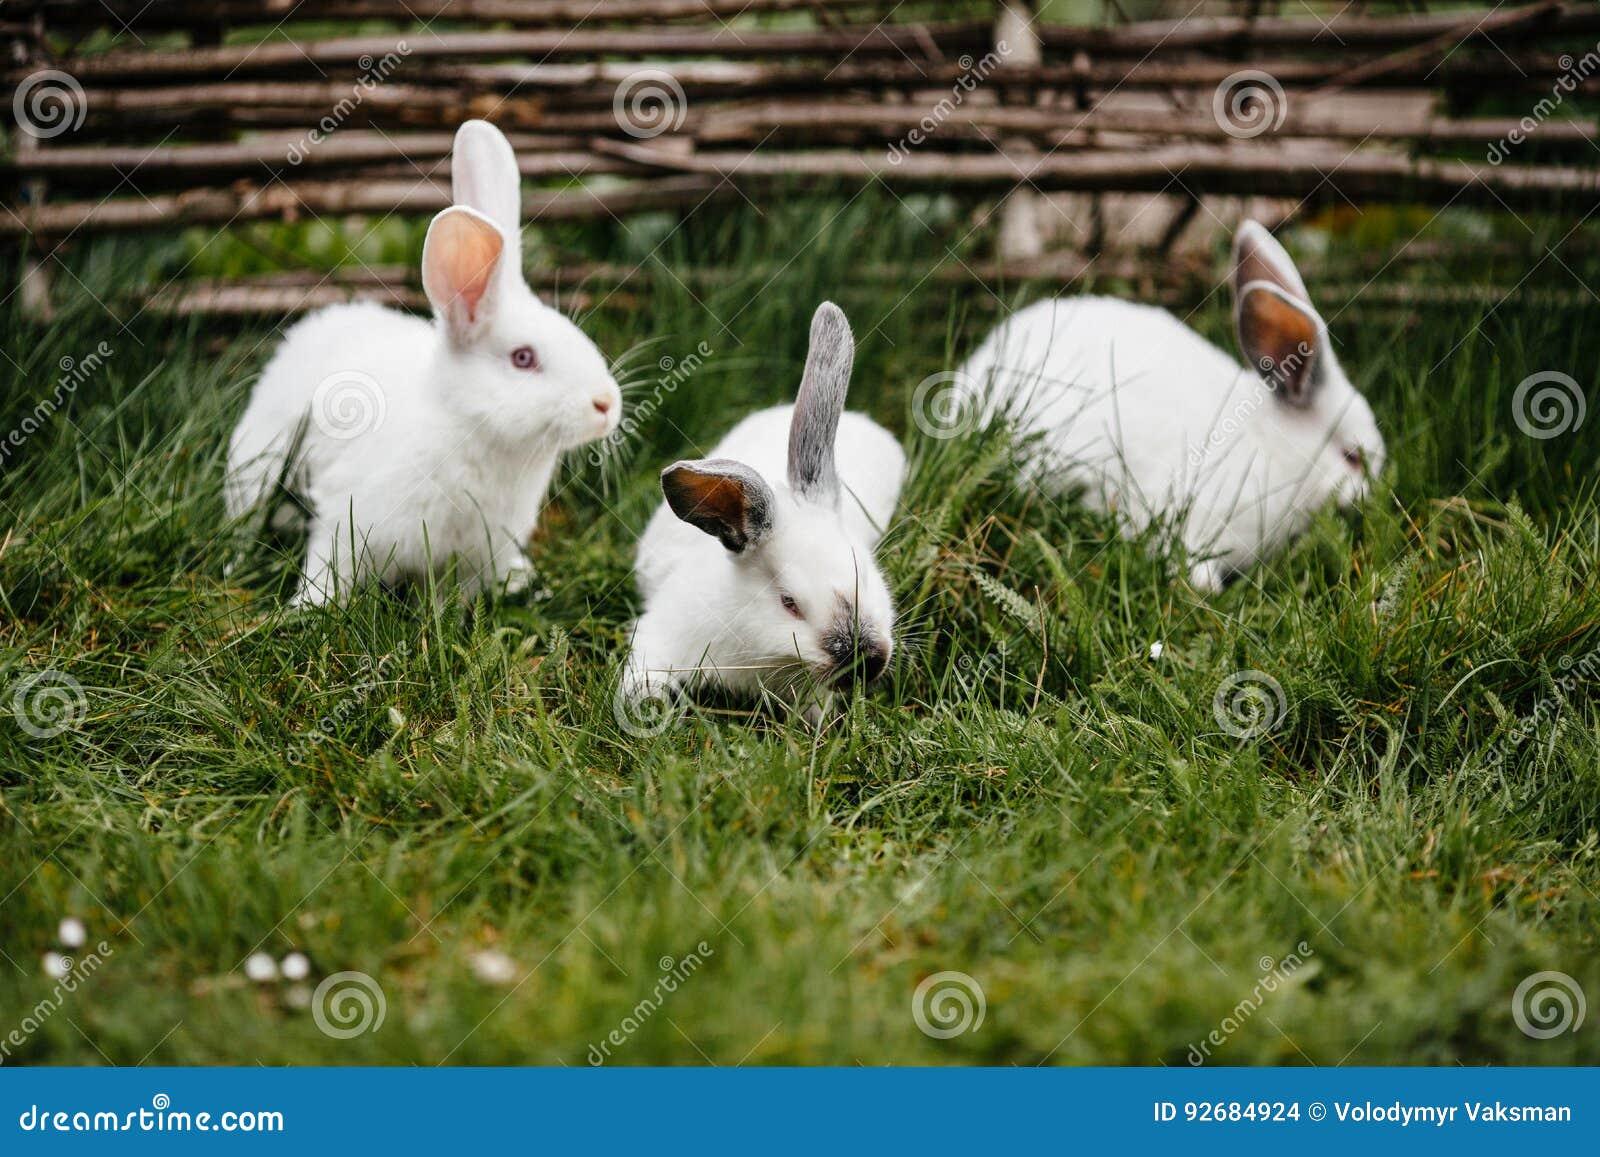 Drie konijnen in groen gras